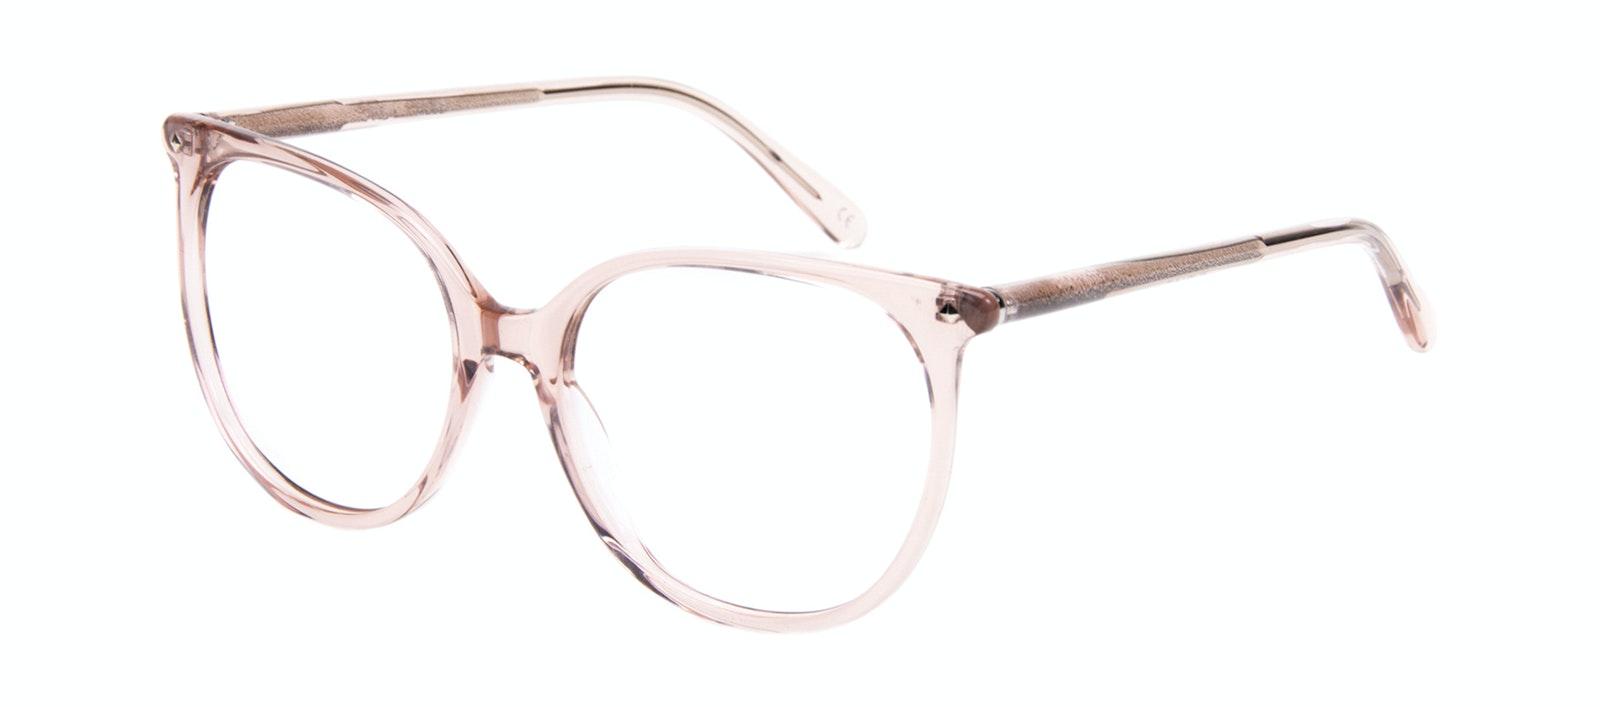 a4fdaf5c98f Affordable Fashion Glasses Round Eyeglasses Women Area Rose Tilt